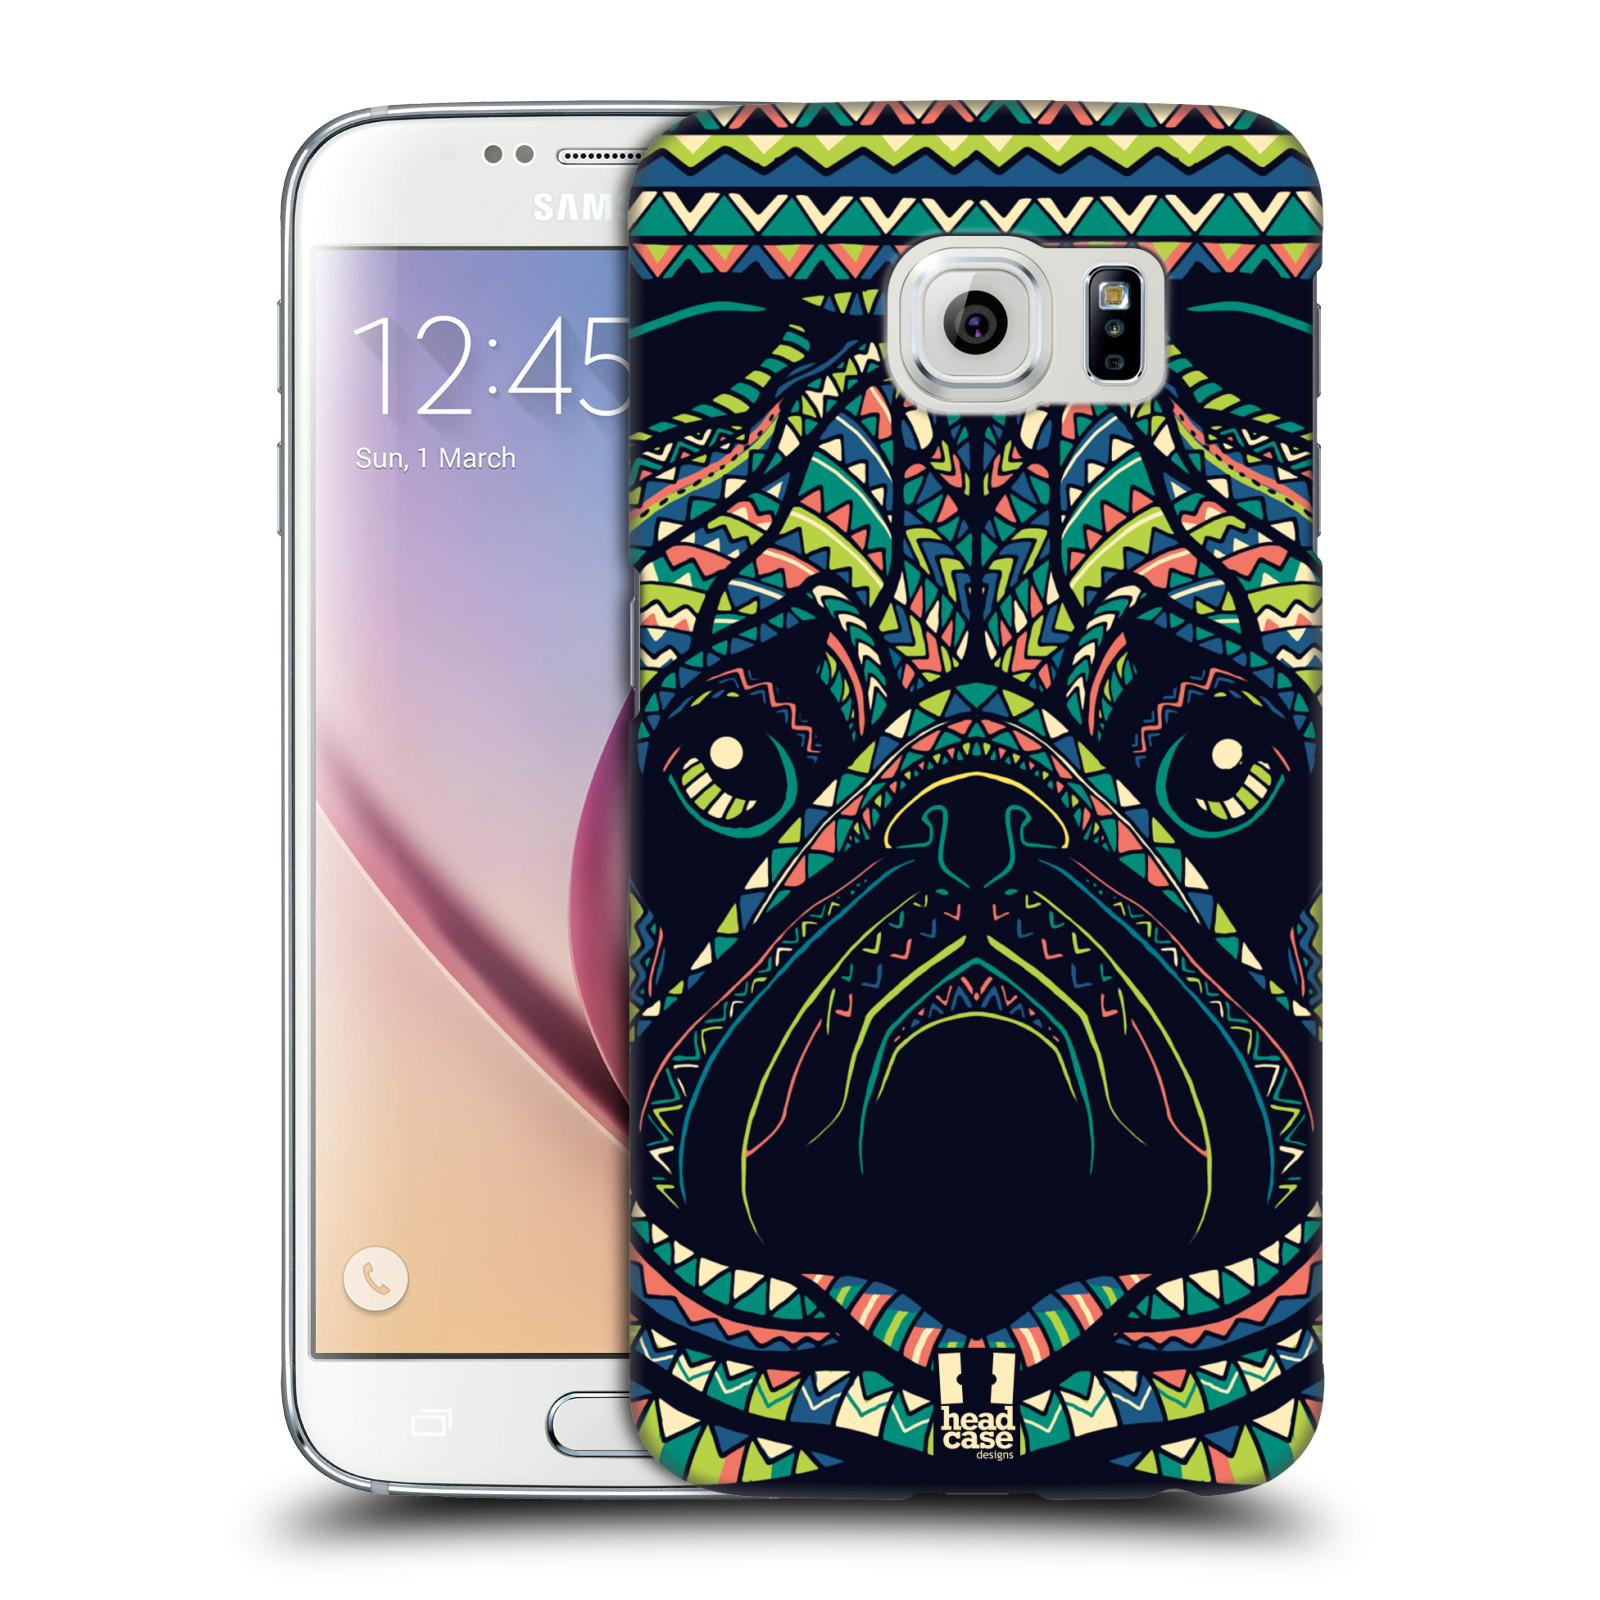 HEAD CASE plastový obal na mobil SAMSUNG Galaxy S6 (G9200, G920F) vzor Aztécký motiv zvíře 3 mopsík